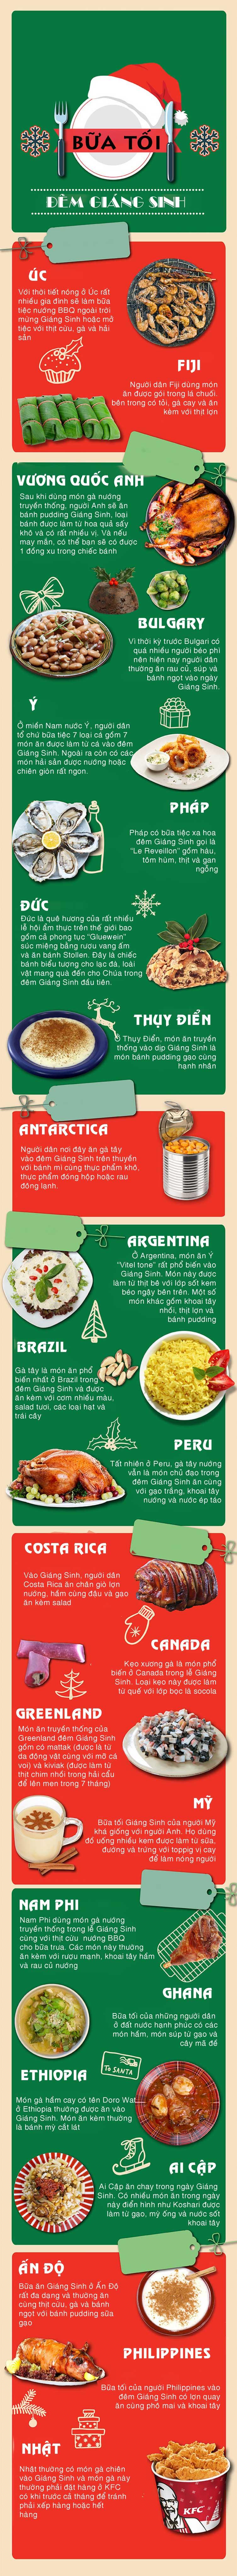 23 món ăn độc đáo trong đêm Giáng Sinh trên thế giới - Hình 1